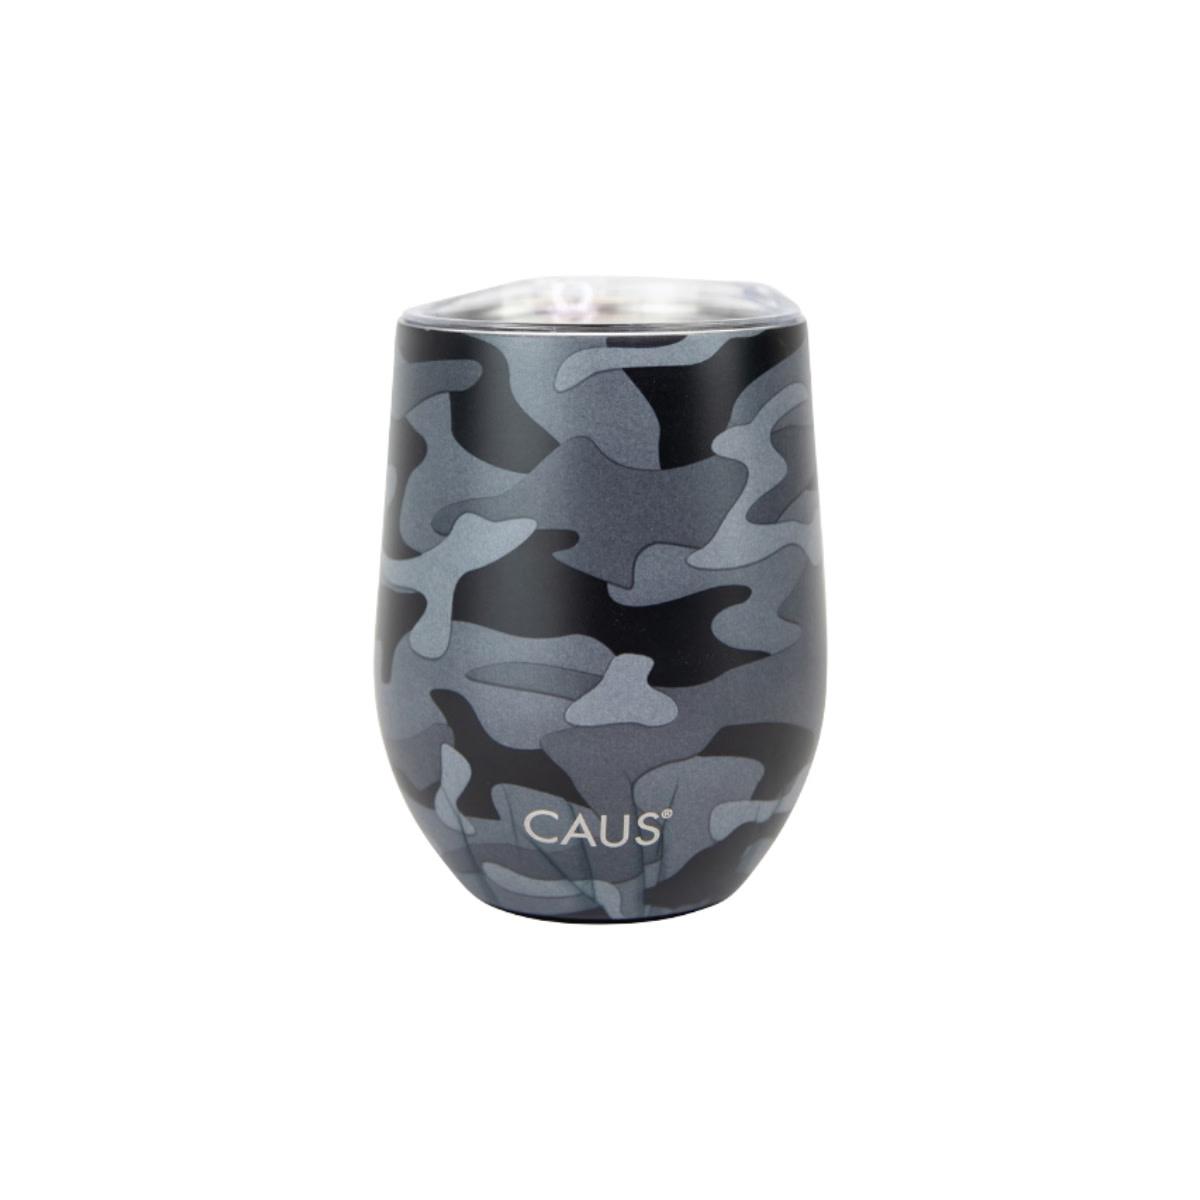 Caus Caus 12 oz Wine Tumbler (more colours)